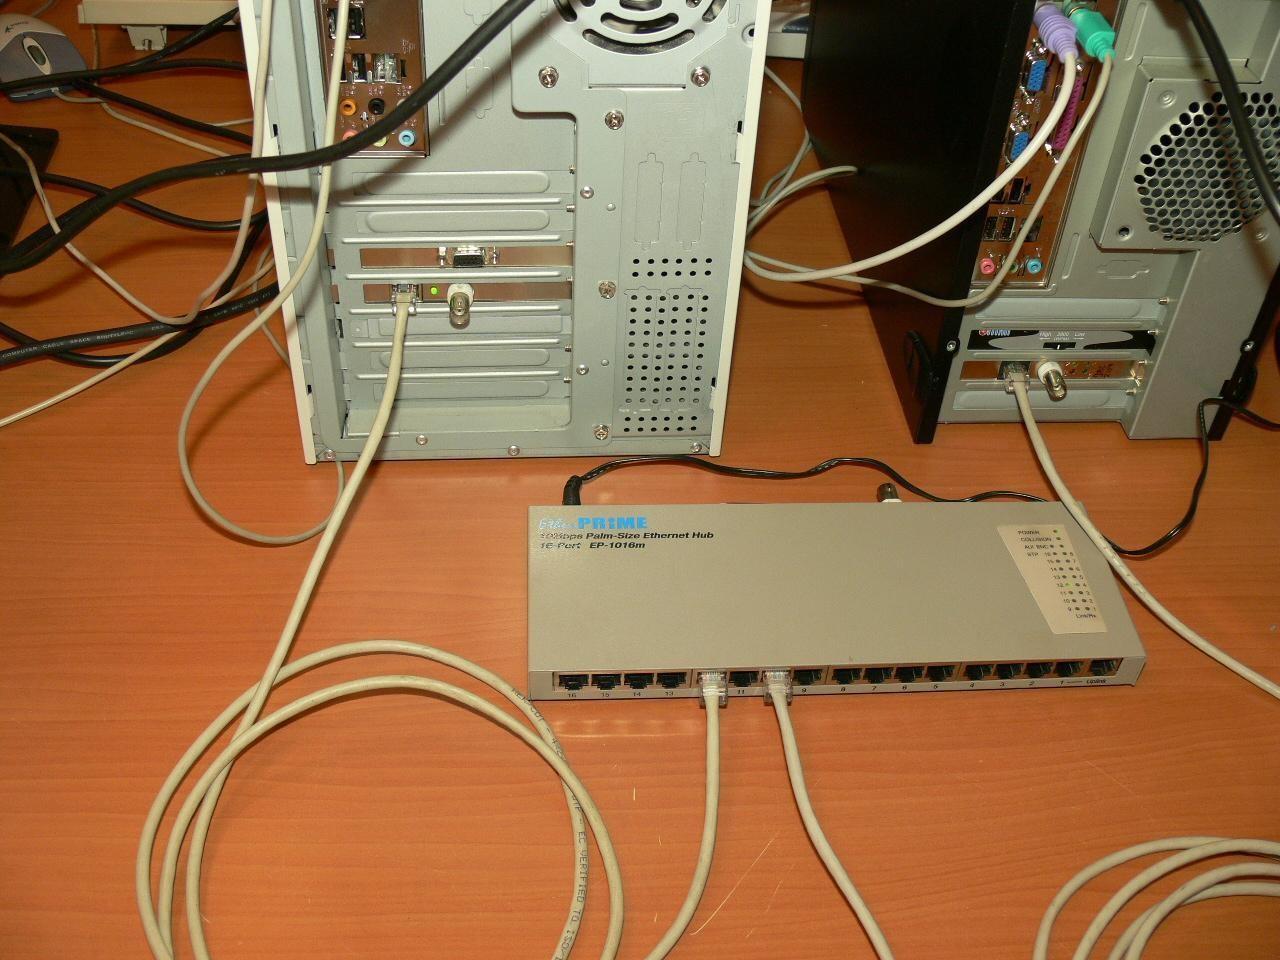 Рис.4: Пример правильного подключения к компьютеру.